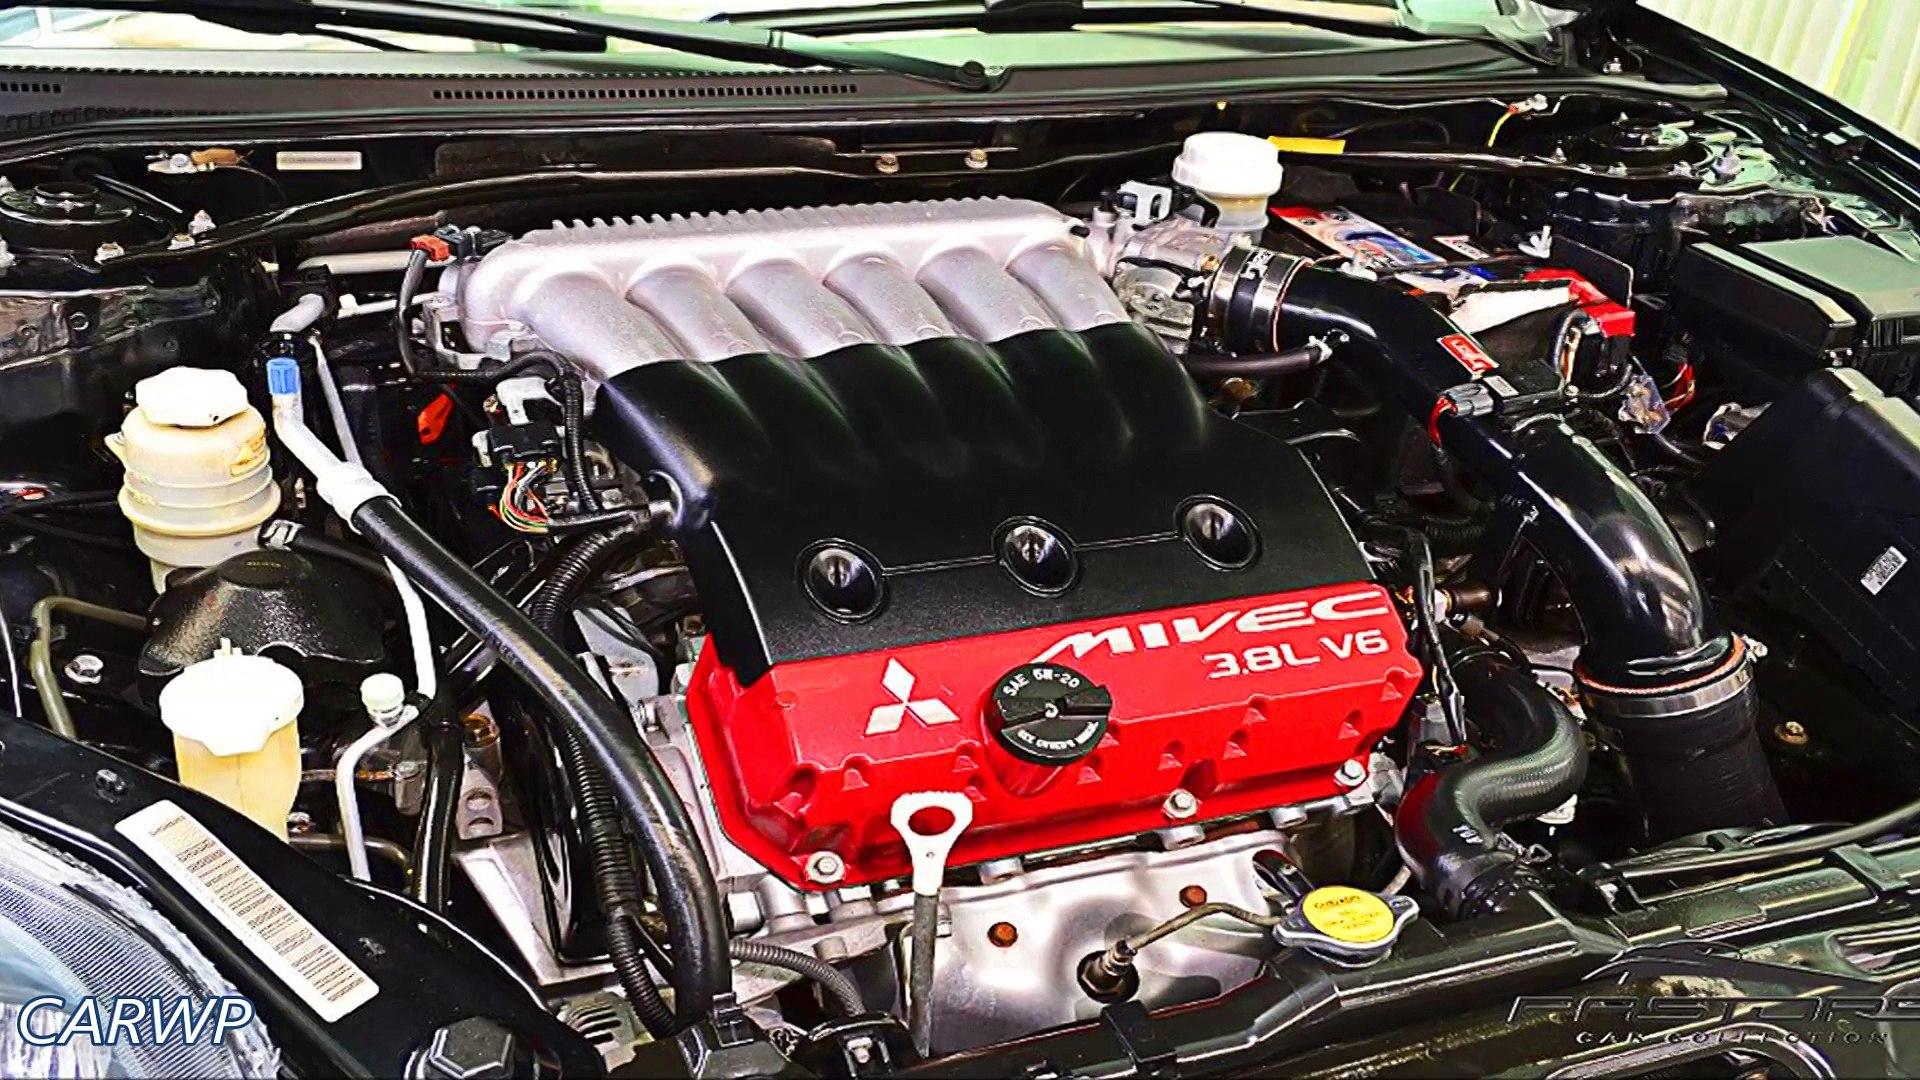 PASTORE R$ 79.900 Mitsubishi Eclipse GT V6 2008 aro 17 AT5 FWD 3.8 24v 267 cv 36 mkgf 216 kmh 0-100